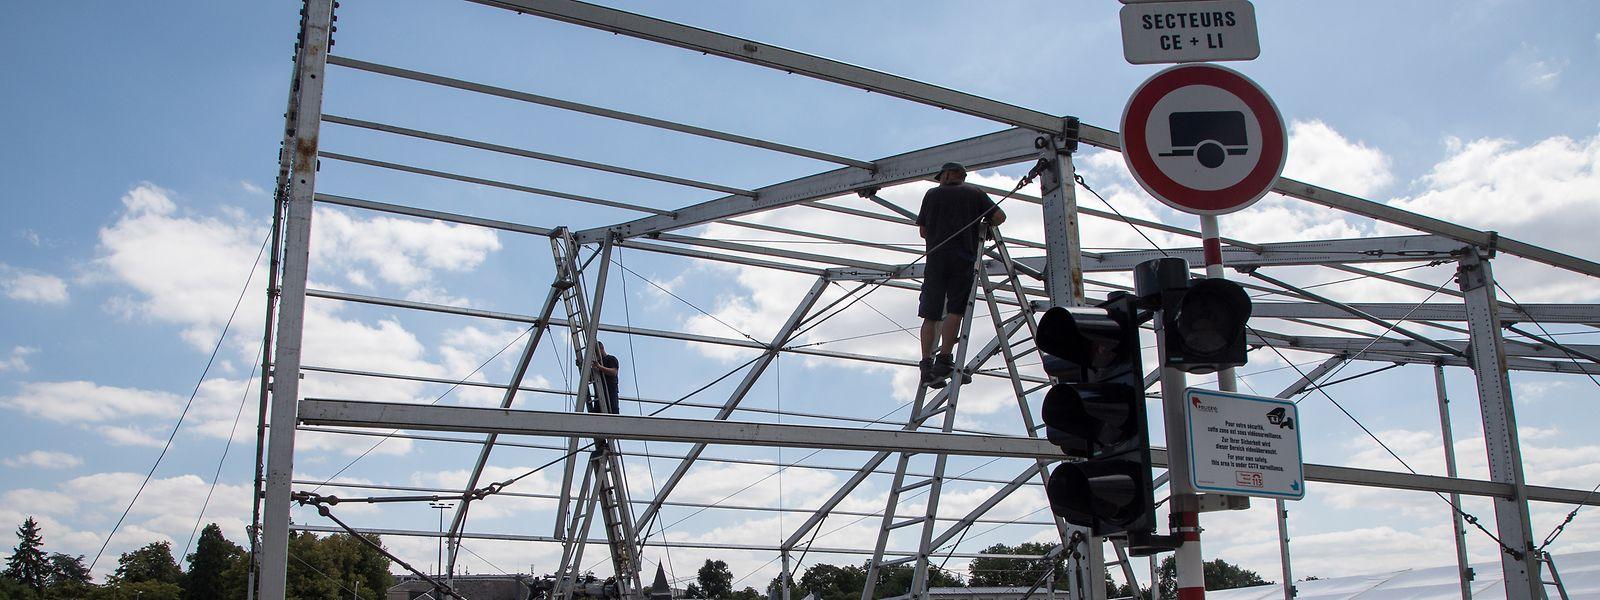 Die ersten Schausteller sind angekommen und bauen ihren Betrieb auf.